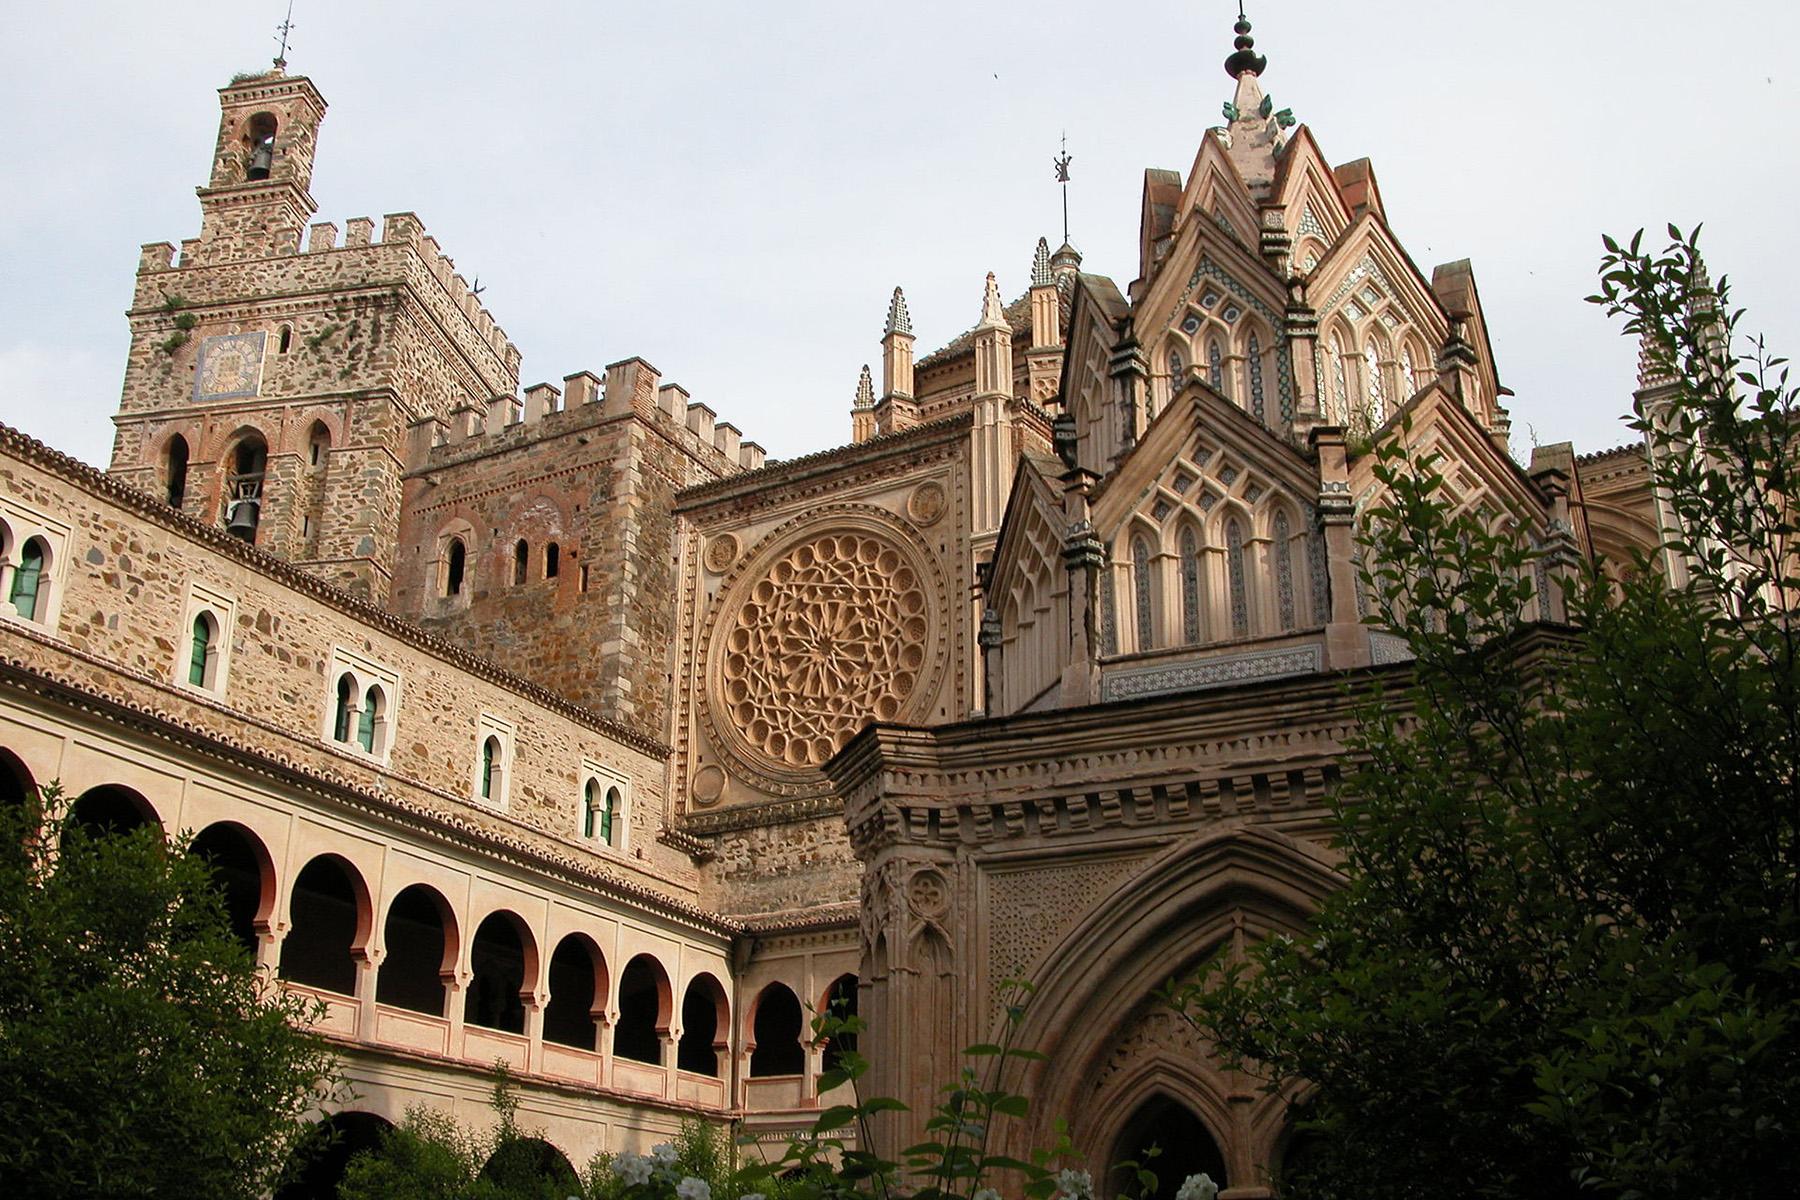 Real Monasterio de Nuestra Señora de Guadalupe, Spain